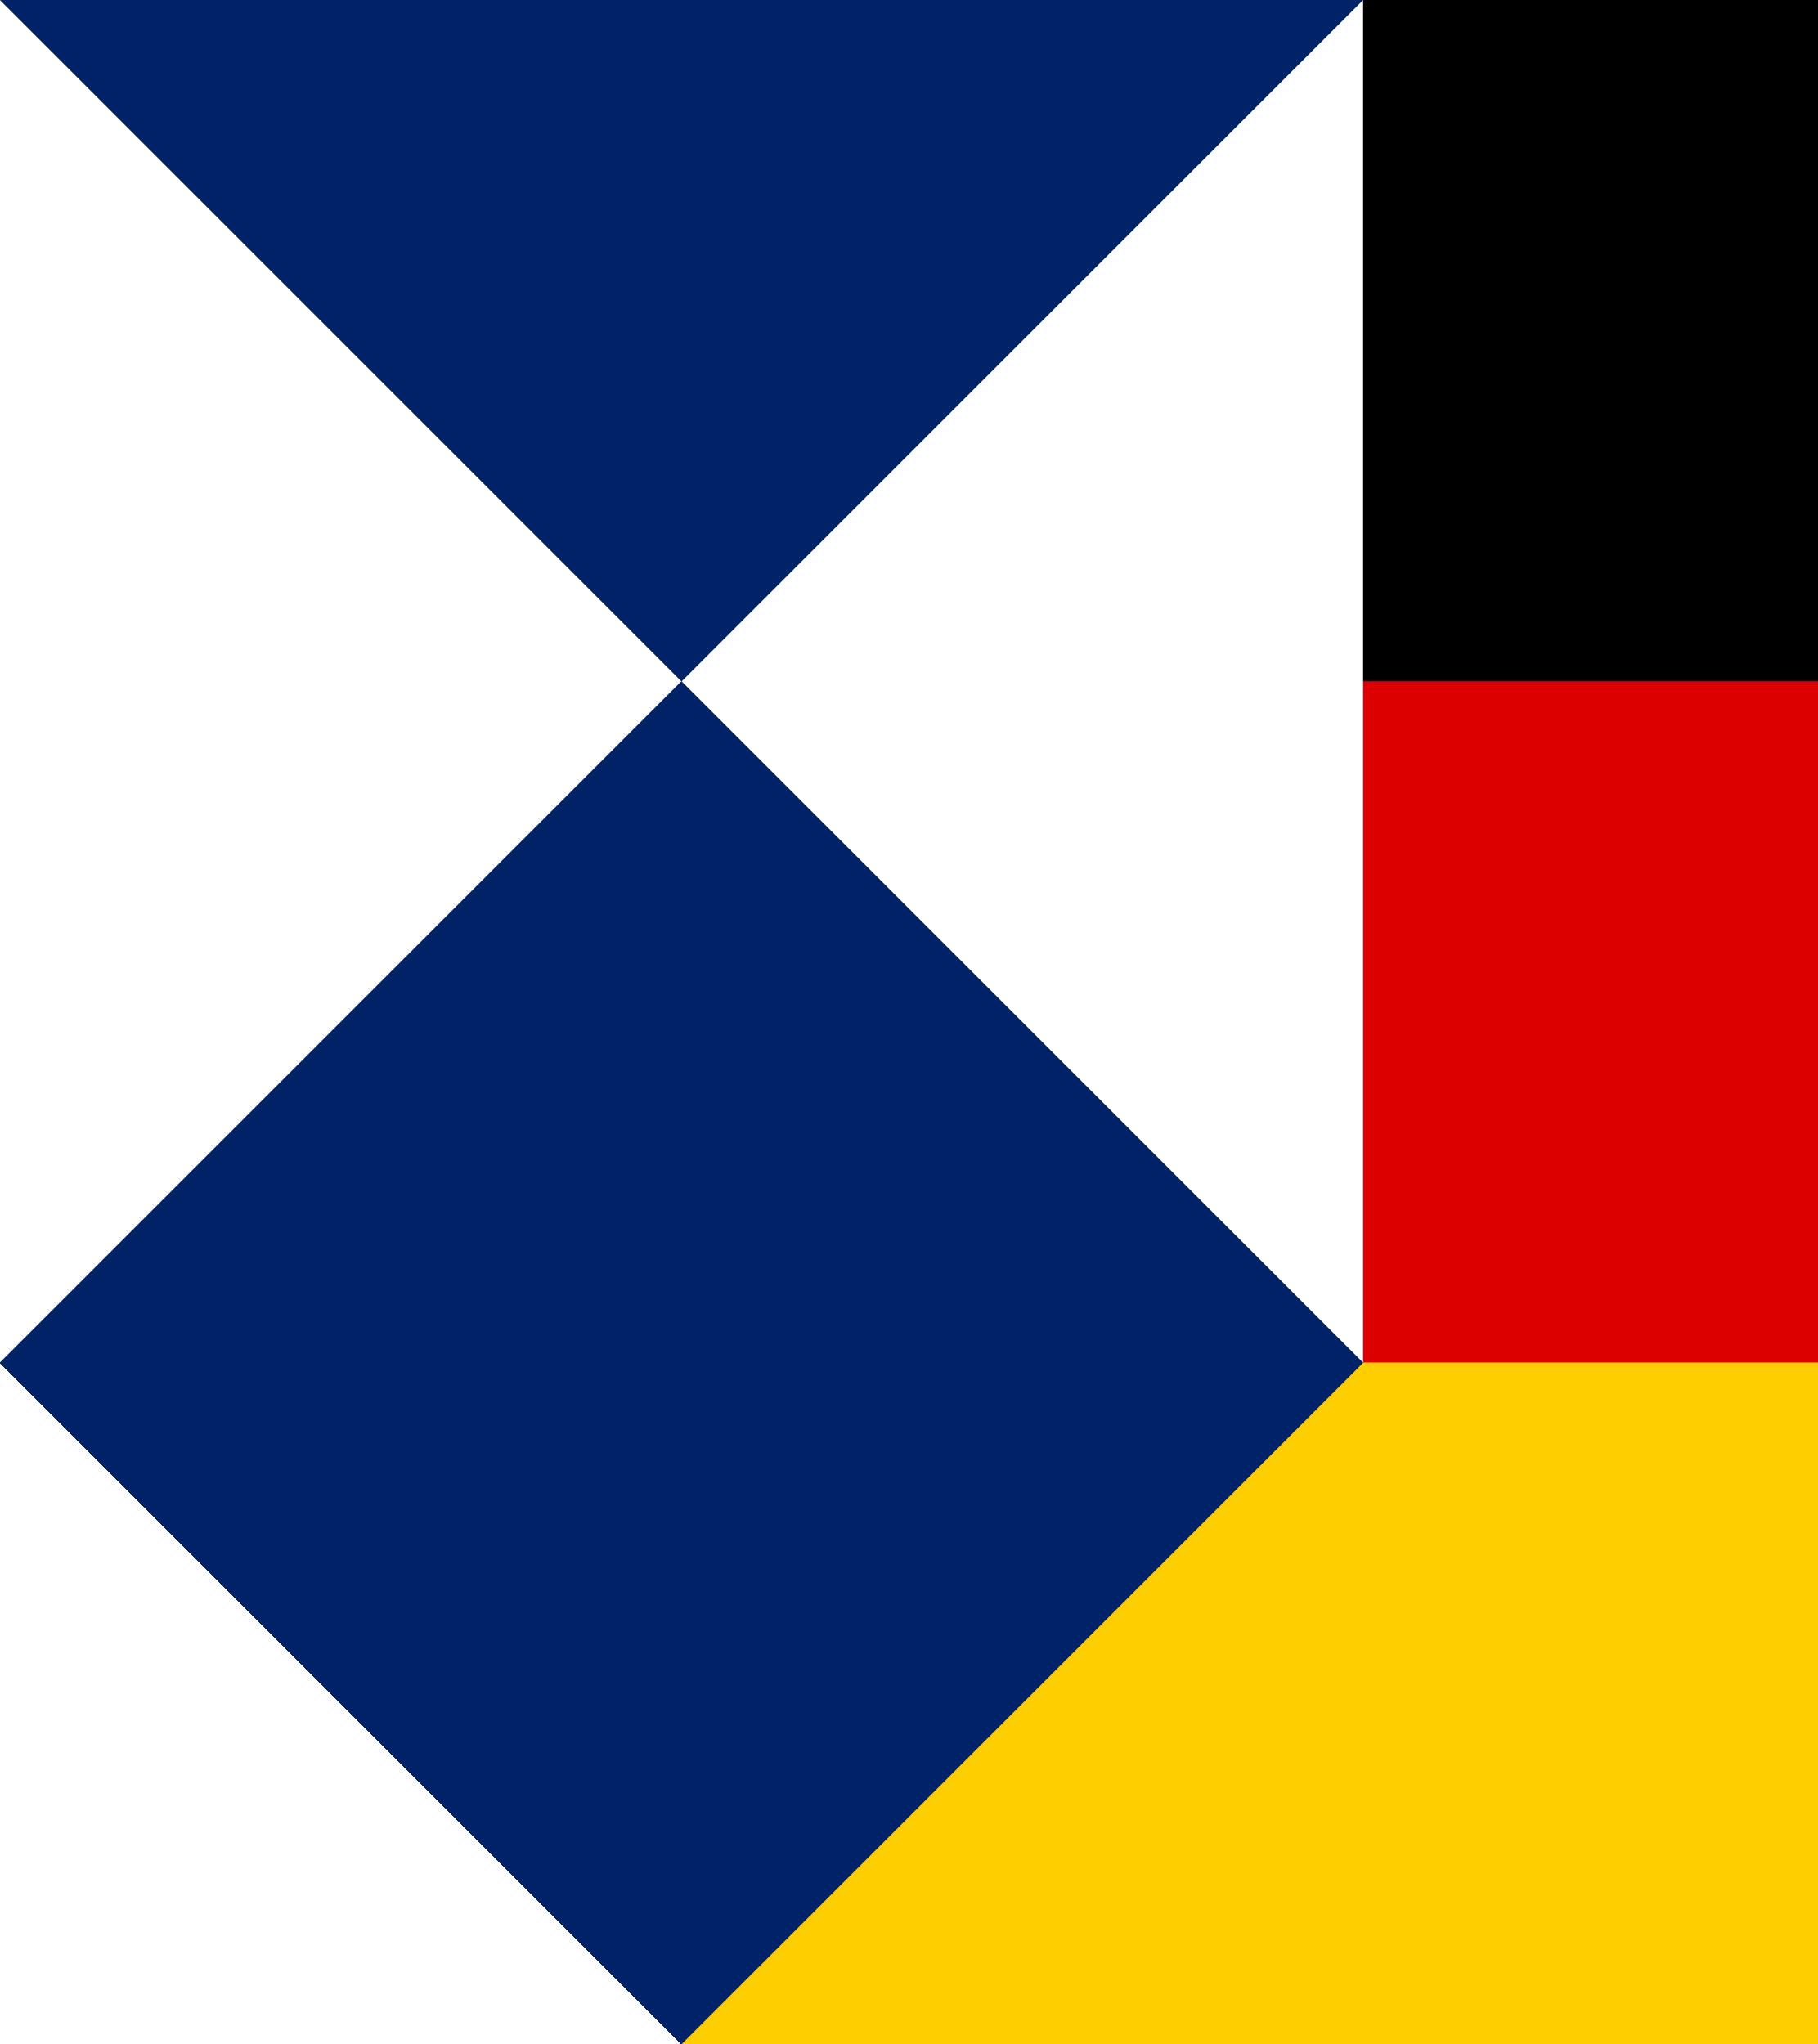 Logo Bundesamt für Bevölkerungsschutz und Katastrophenhilfe (BBK)